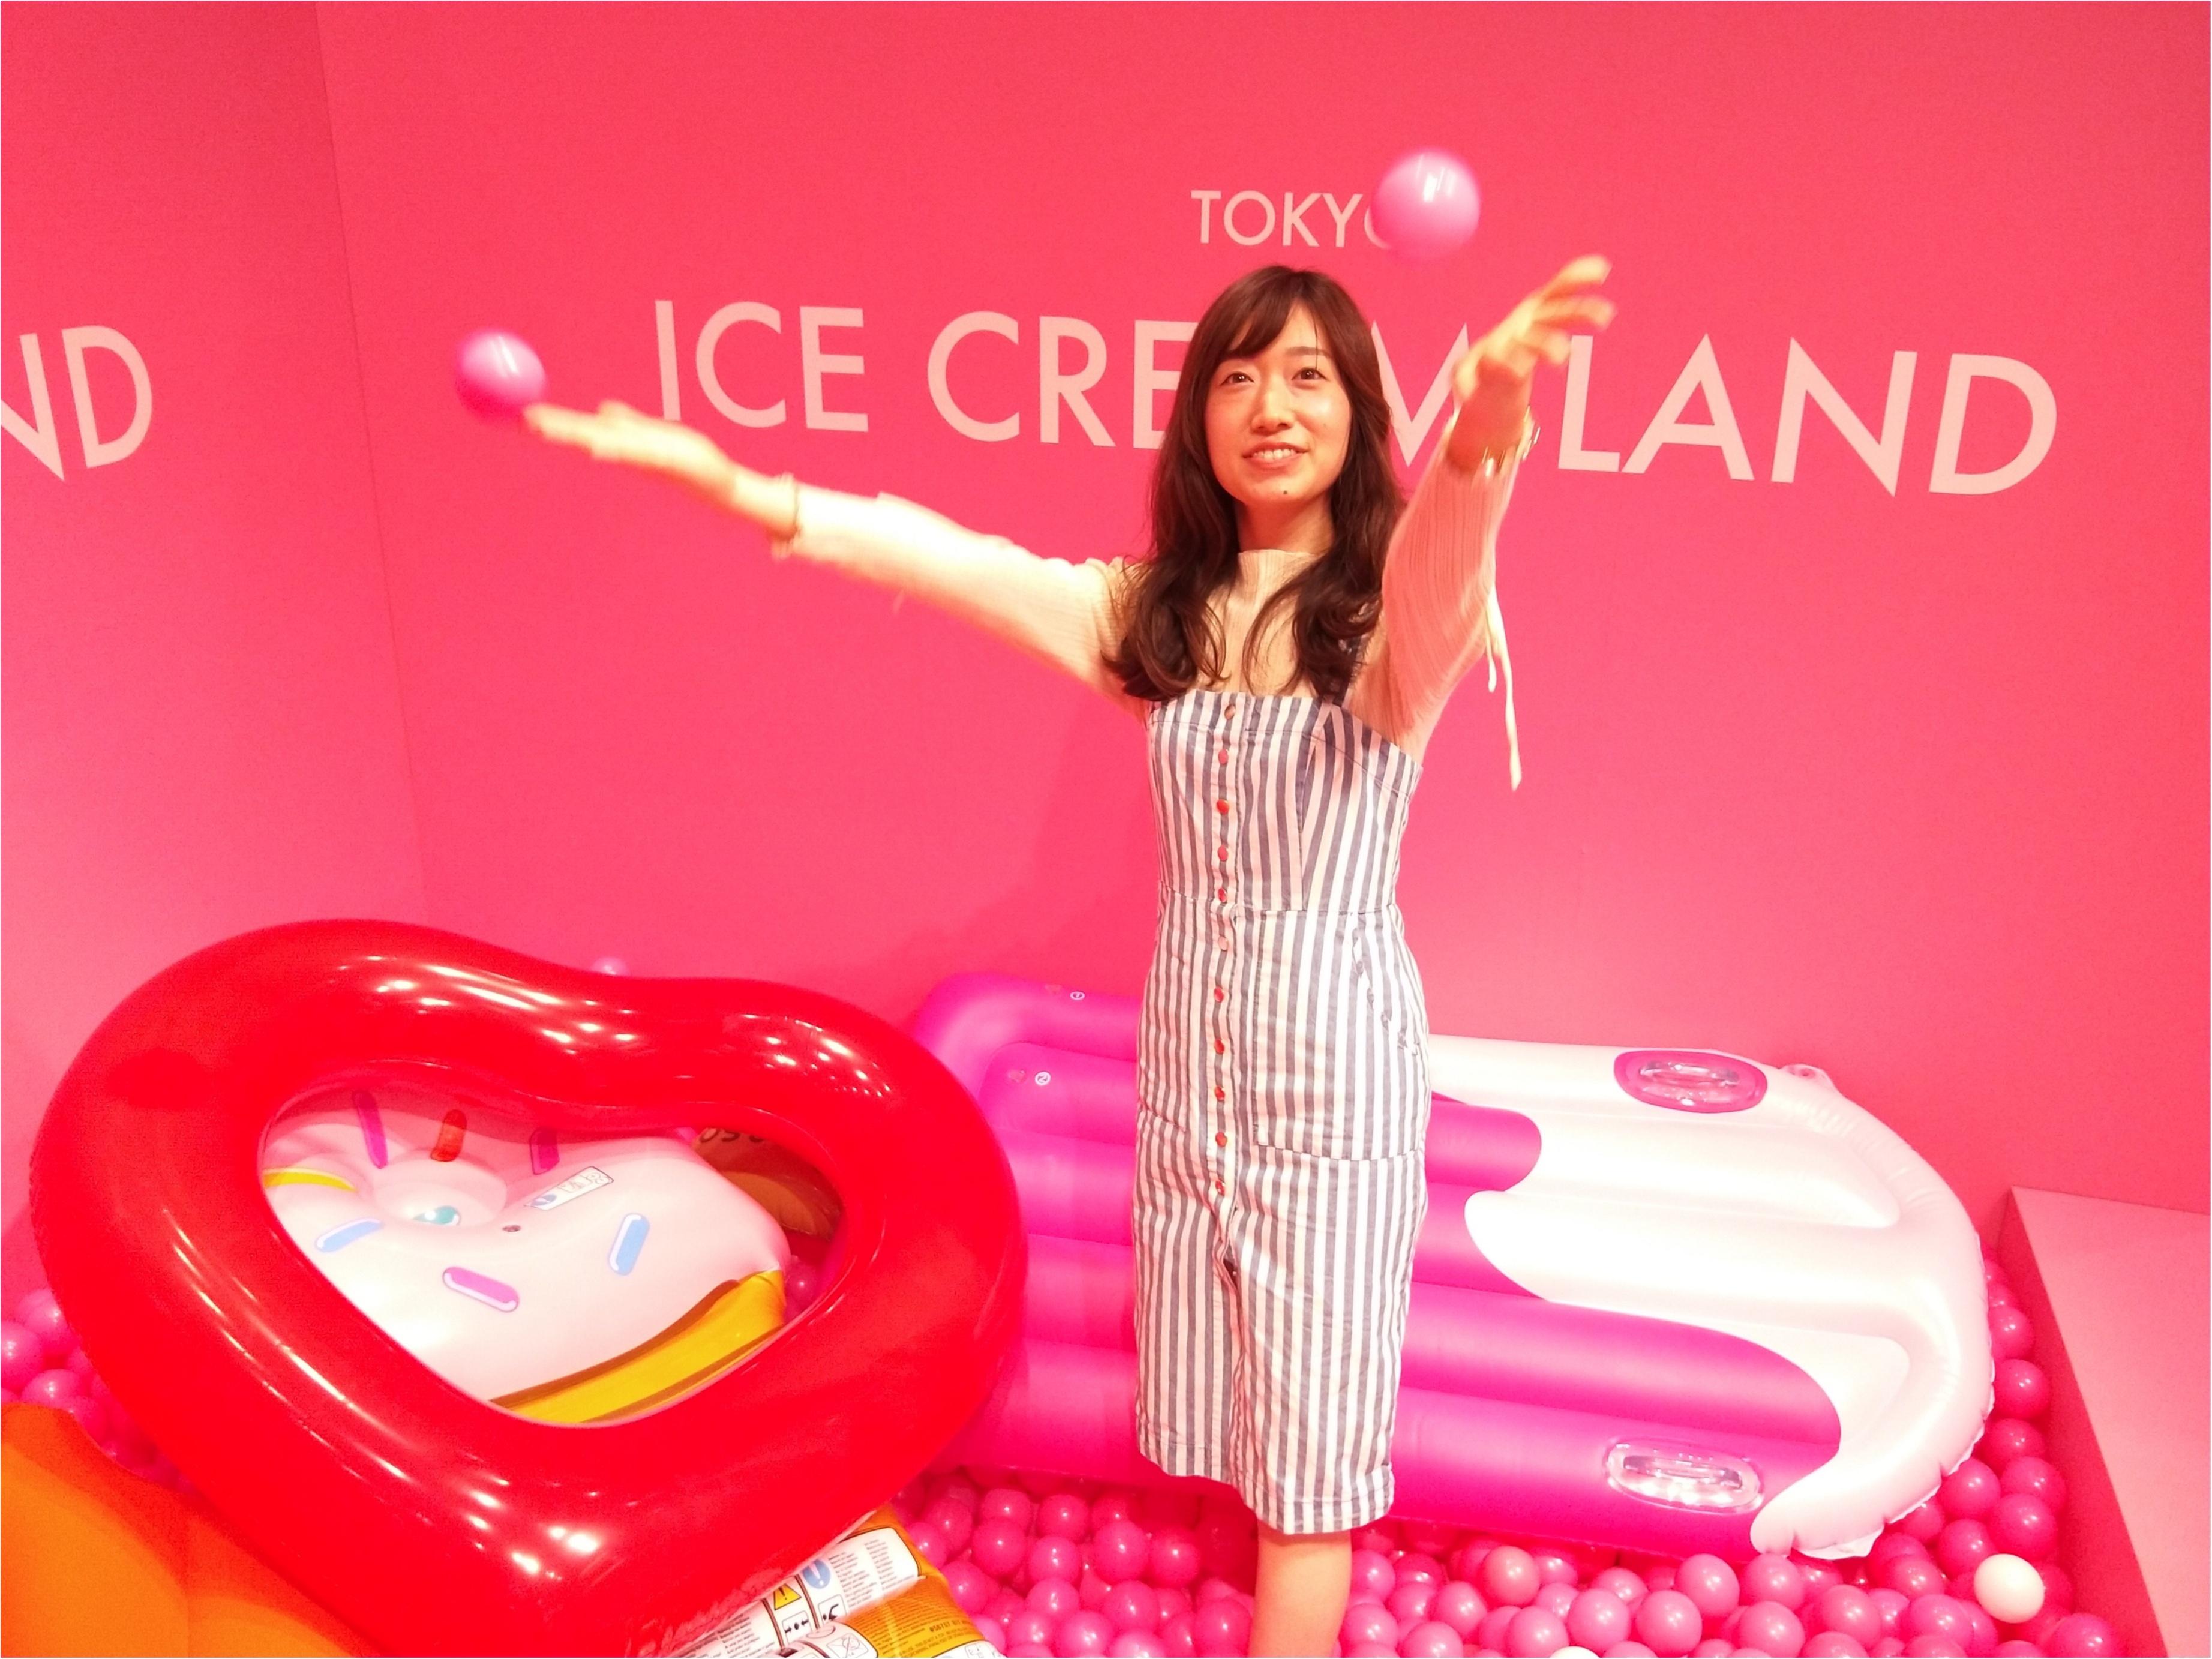 アイスクリームの夢の国「ICE CREAM LAND」でフォトジェニック空間を満喫♡横浜コレットマーレ5/27まで!_6_3